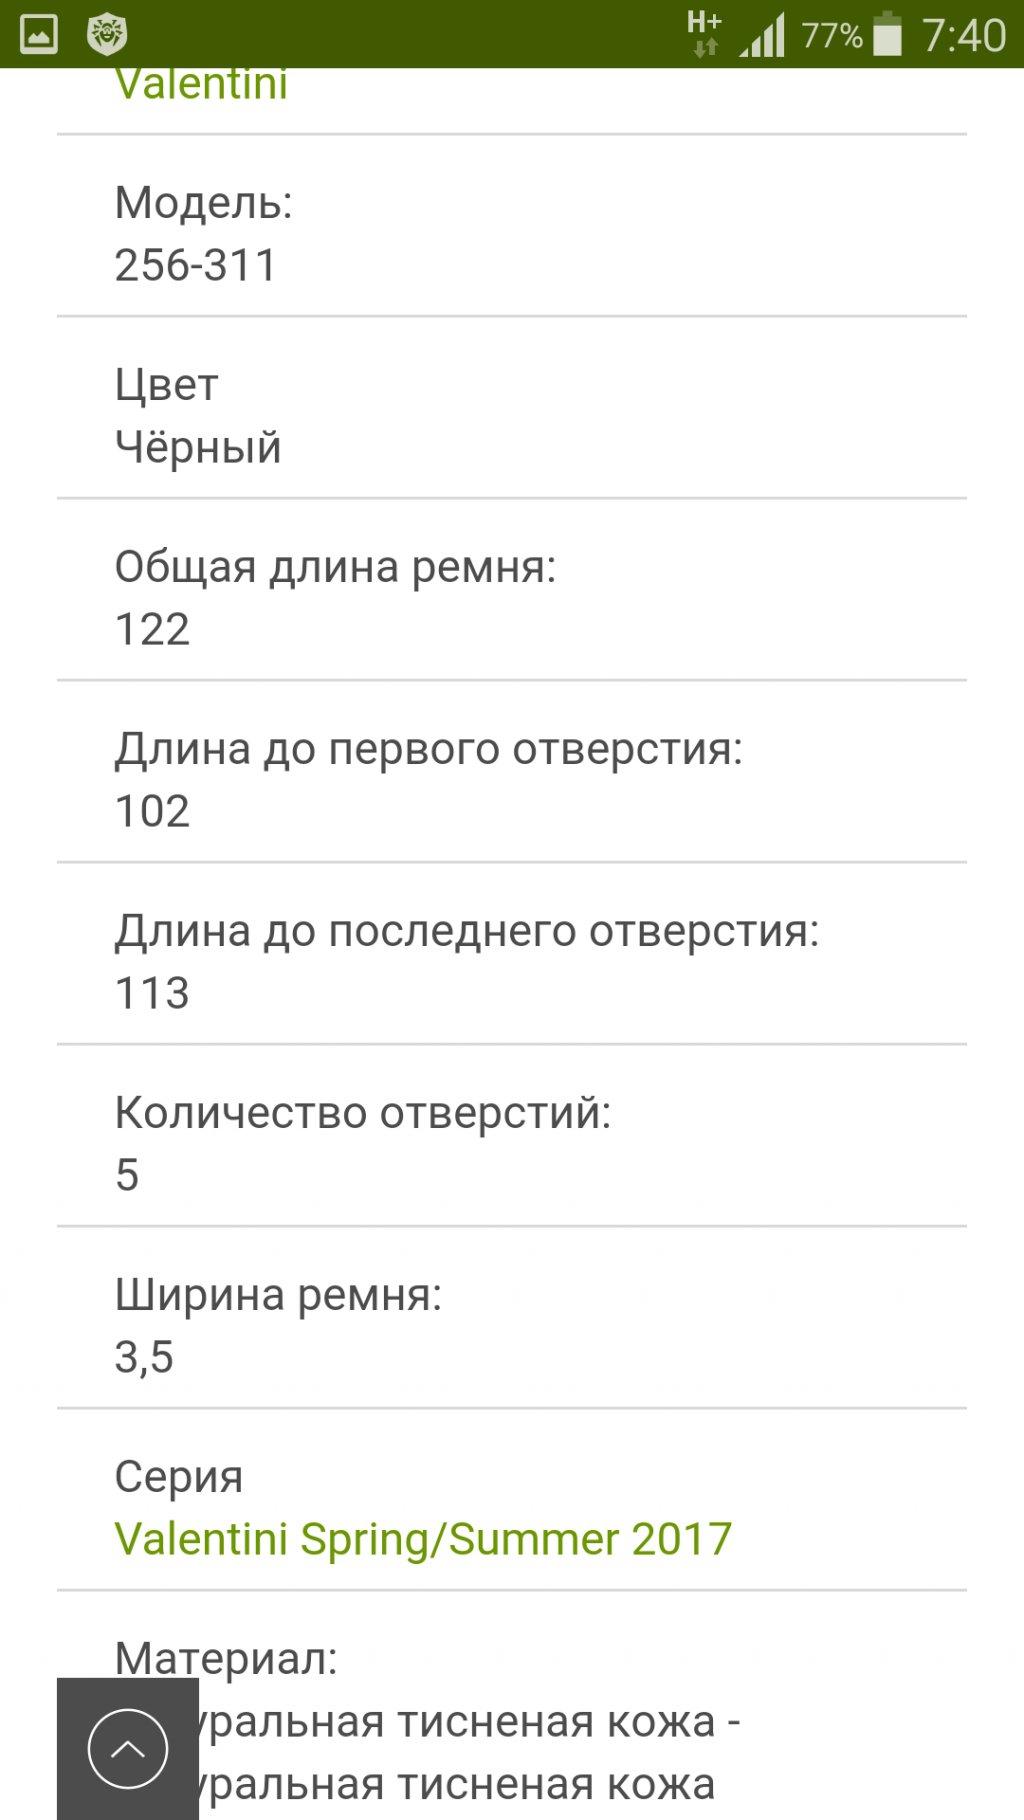 Eobuv.com - Откровенная халтура под видом кожаного ремняня бренда Valentini продаваемая польским интернет-магазином Eobuv